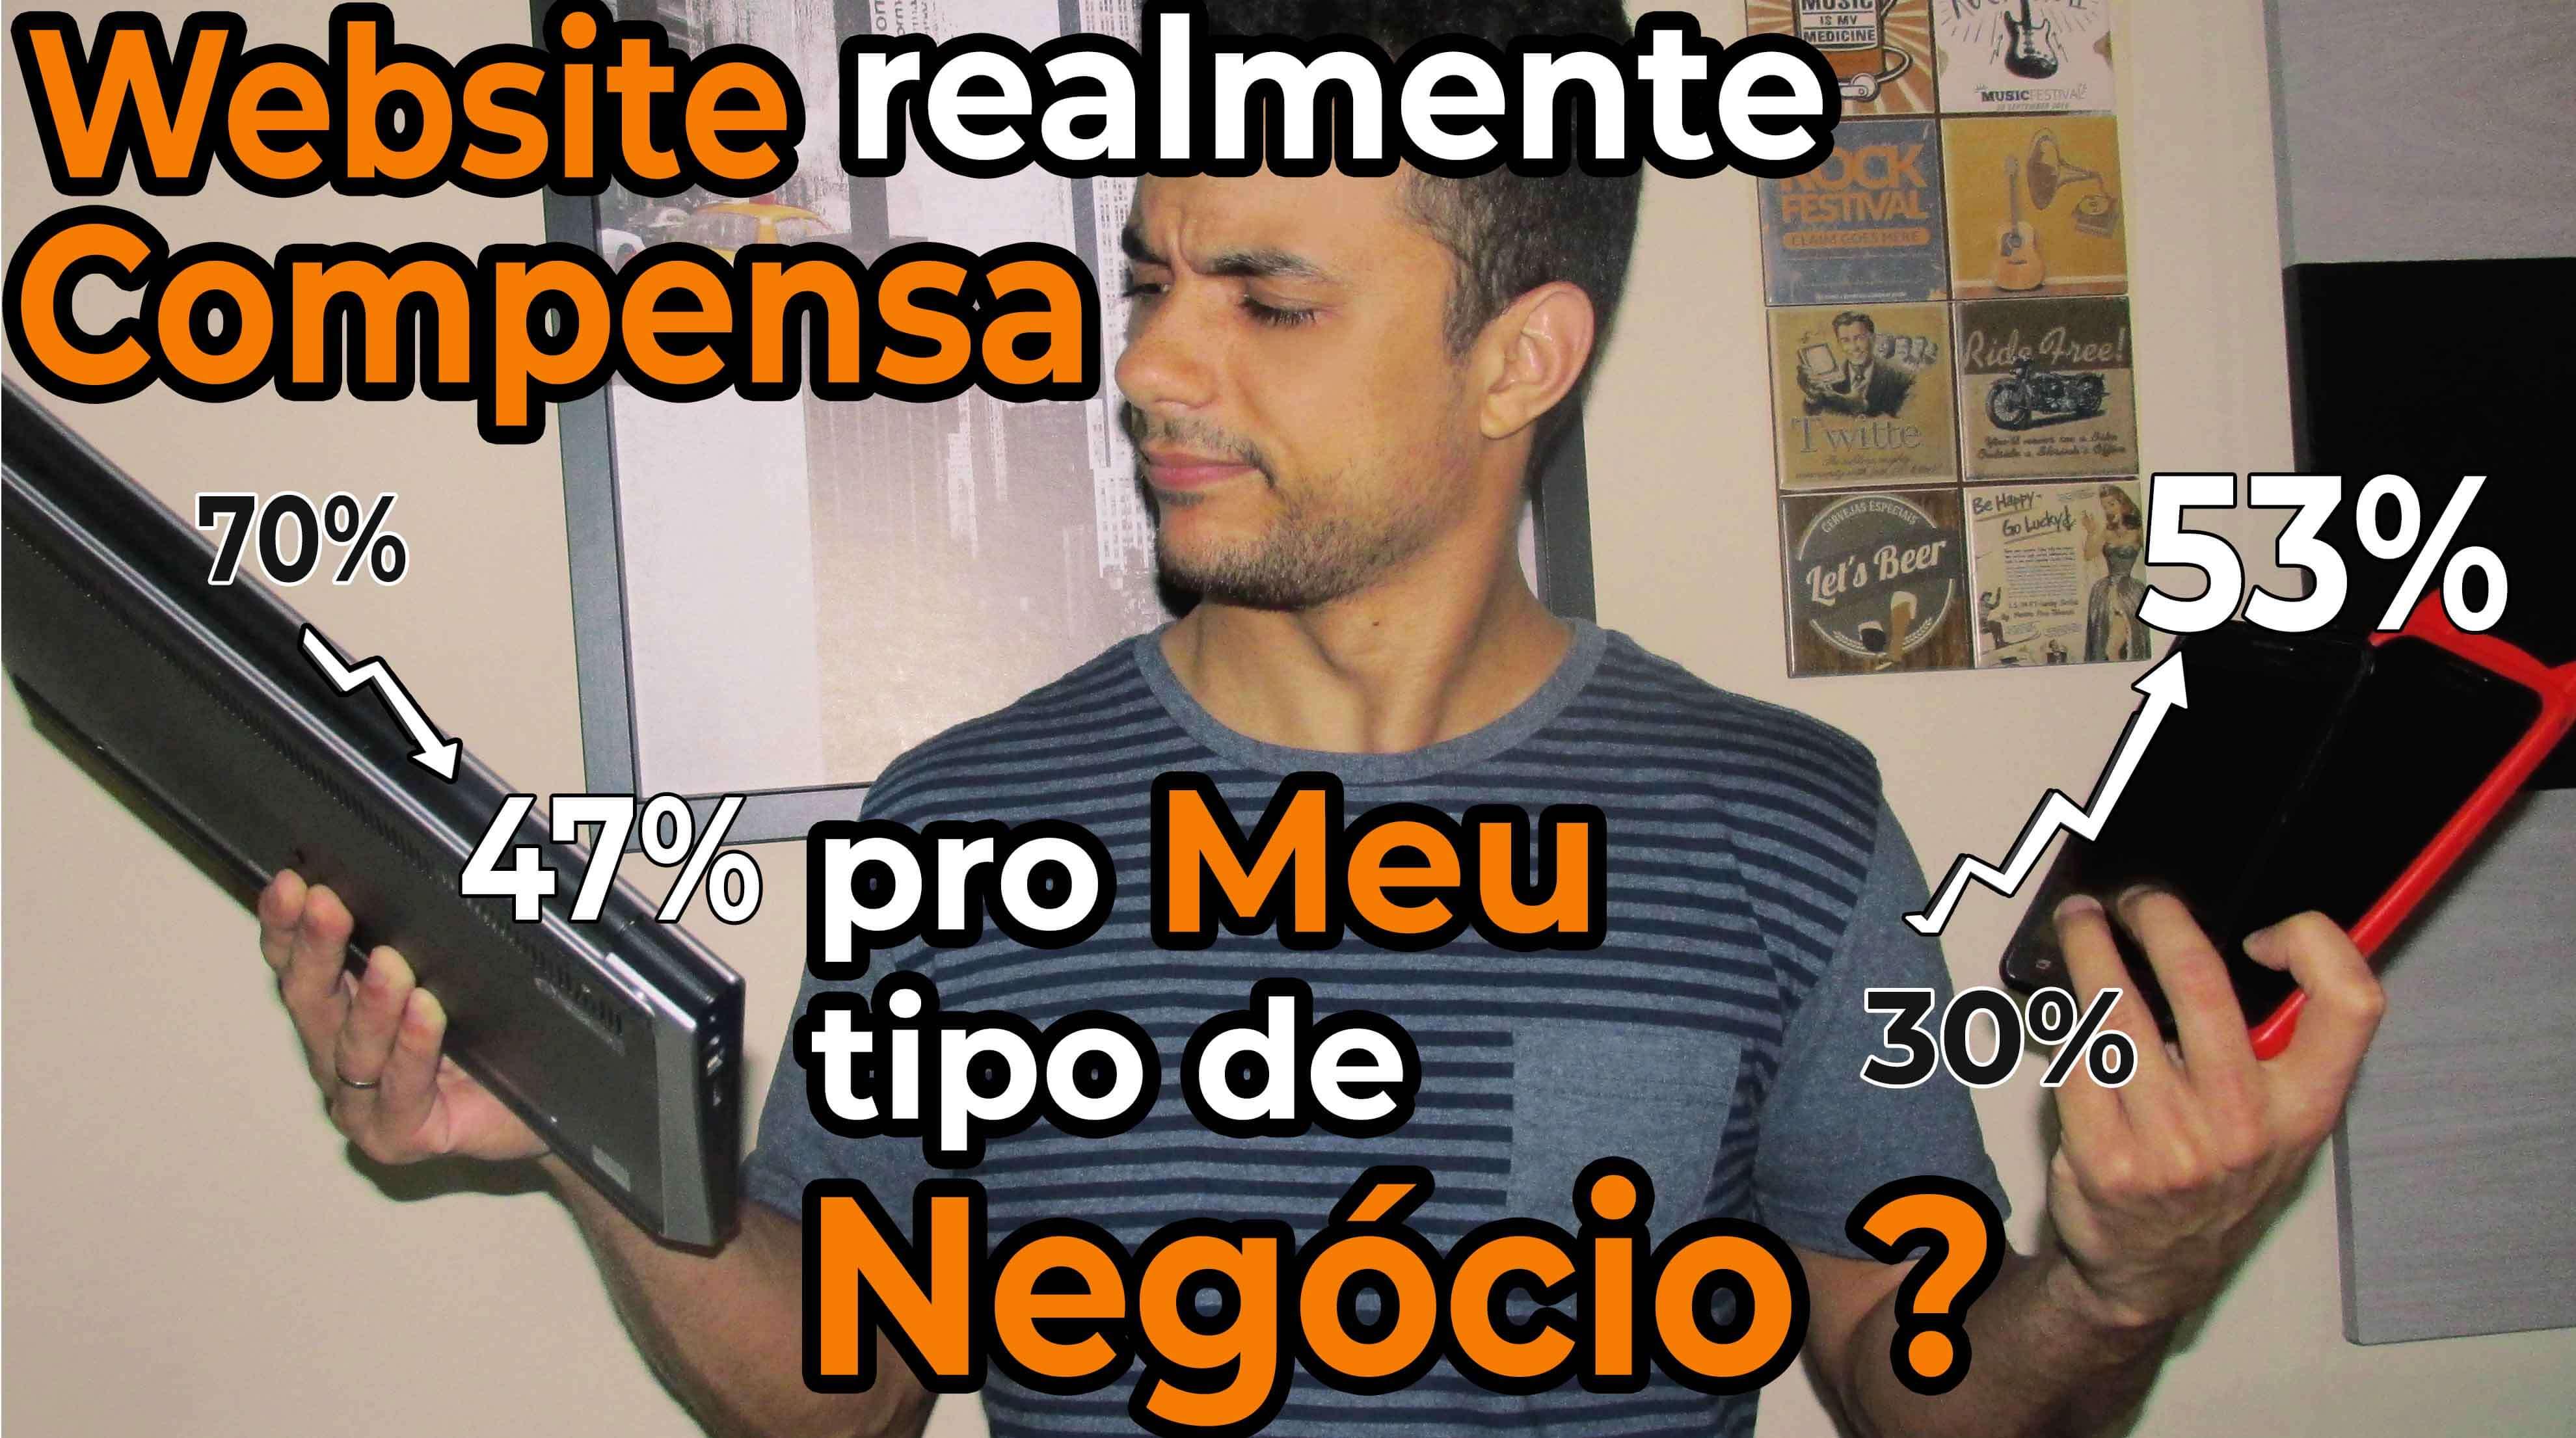 Jansser Dias Website compensa para o meu negócio